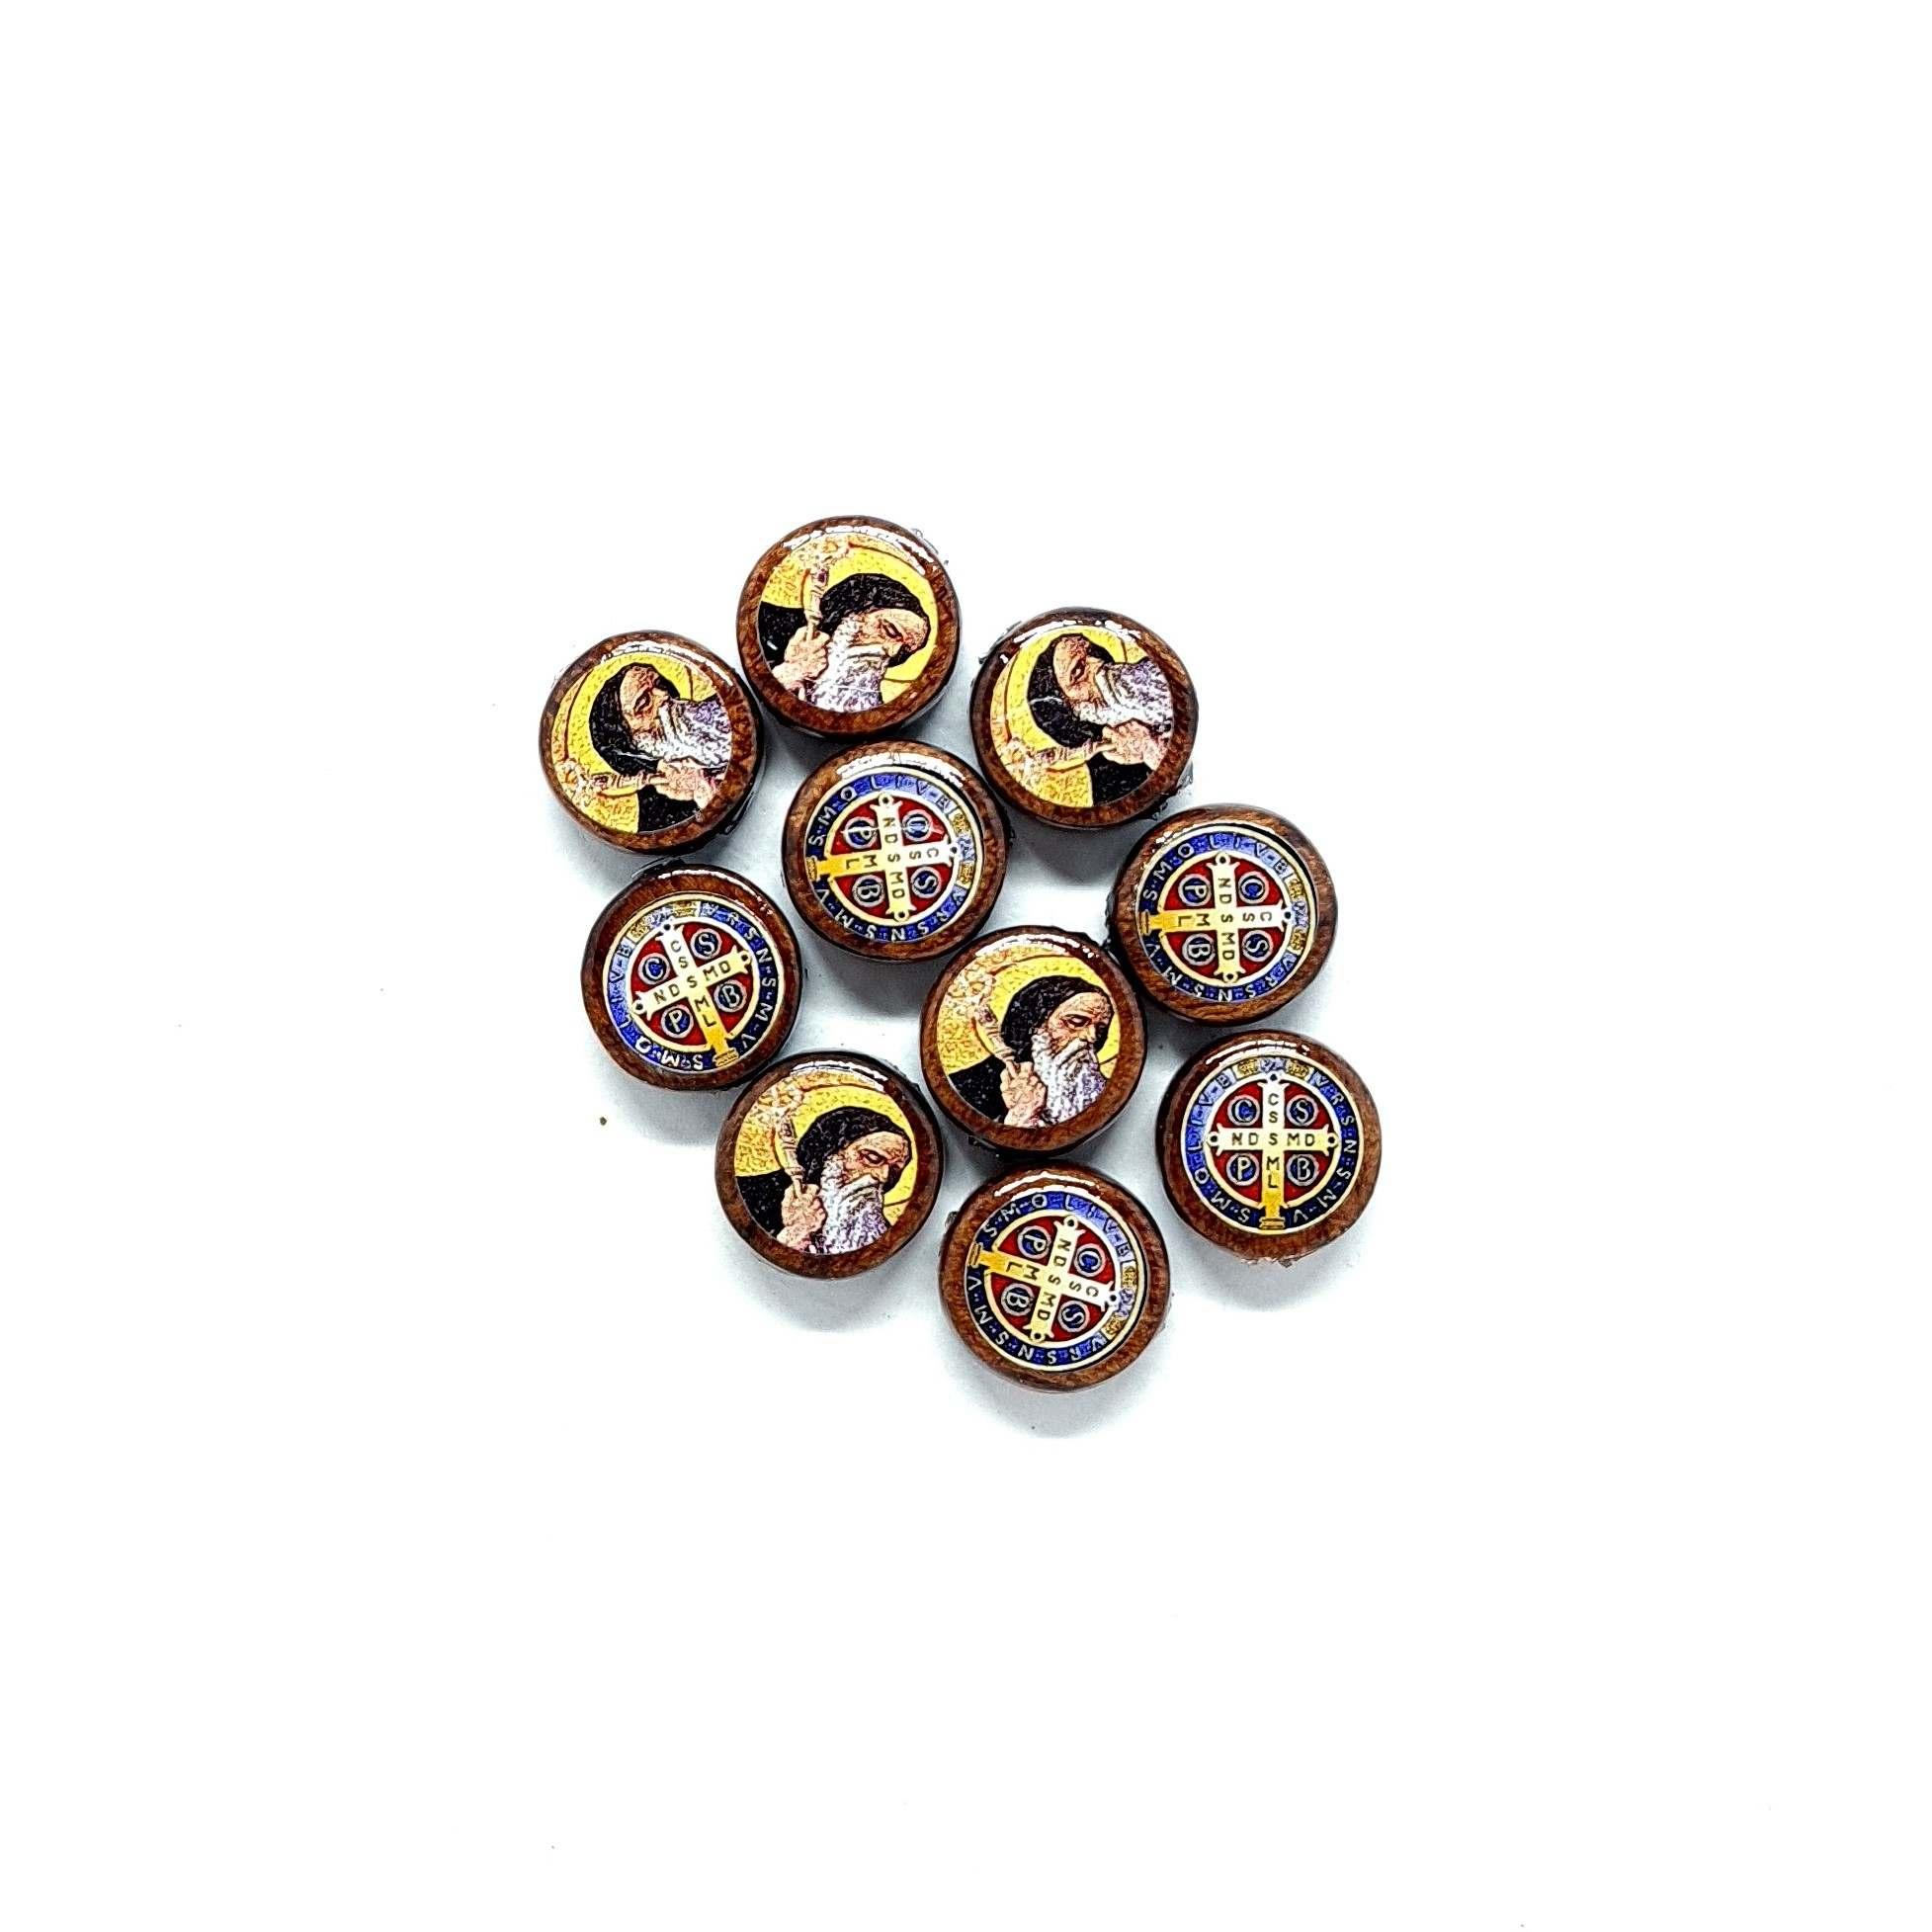 Medalha Pequena de São Bento 2 furos - 10 unidades